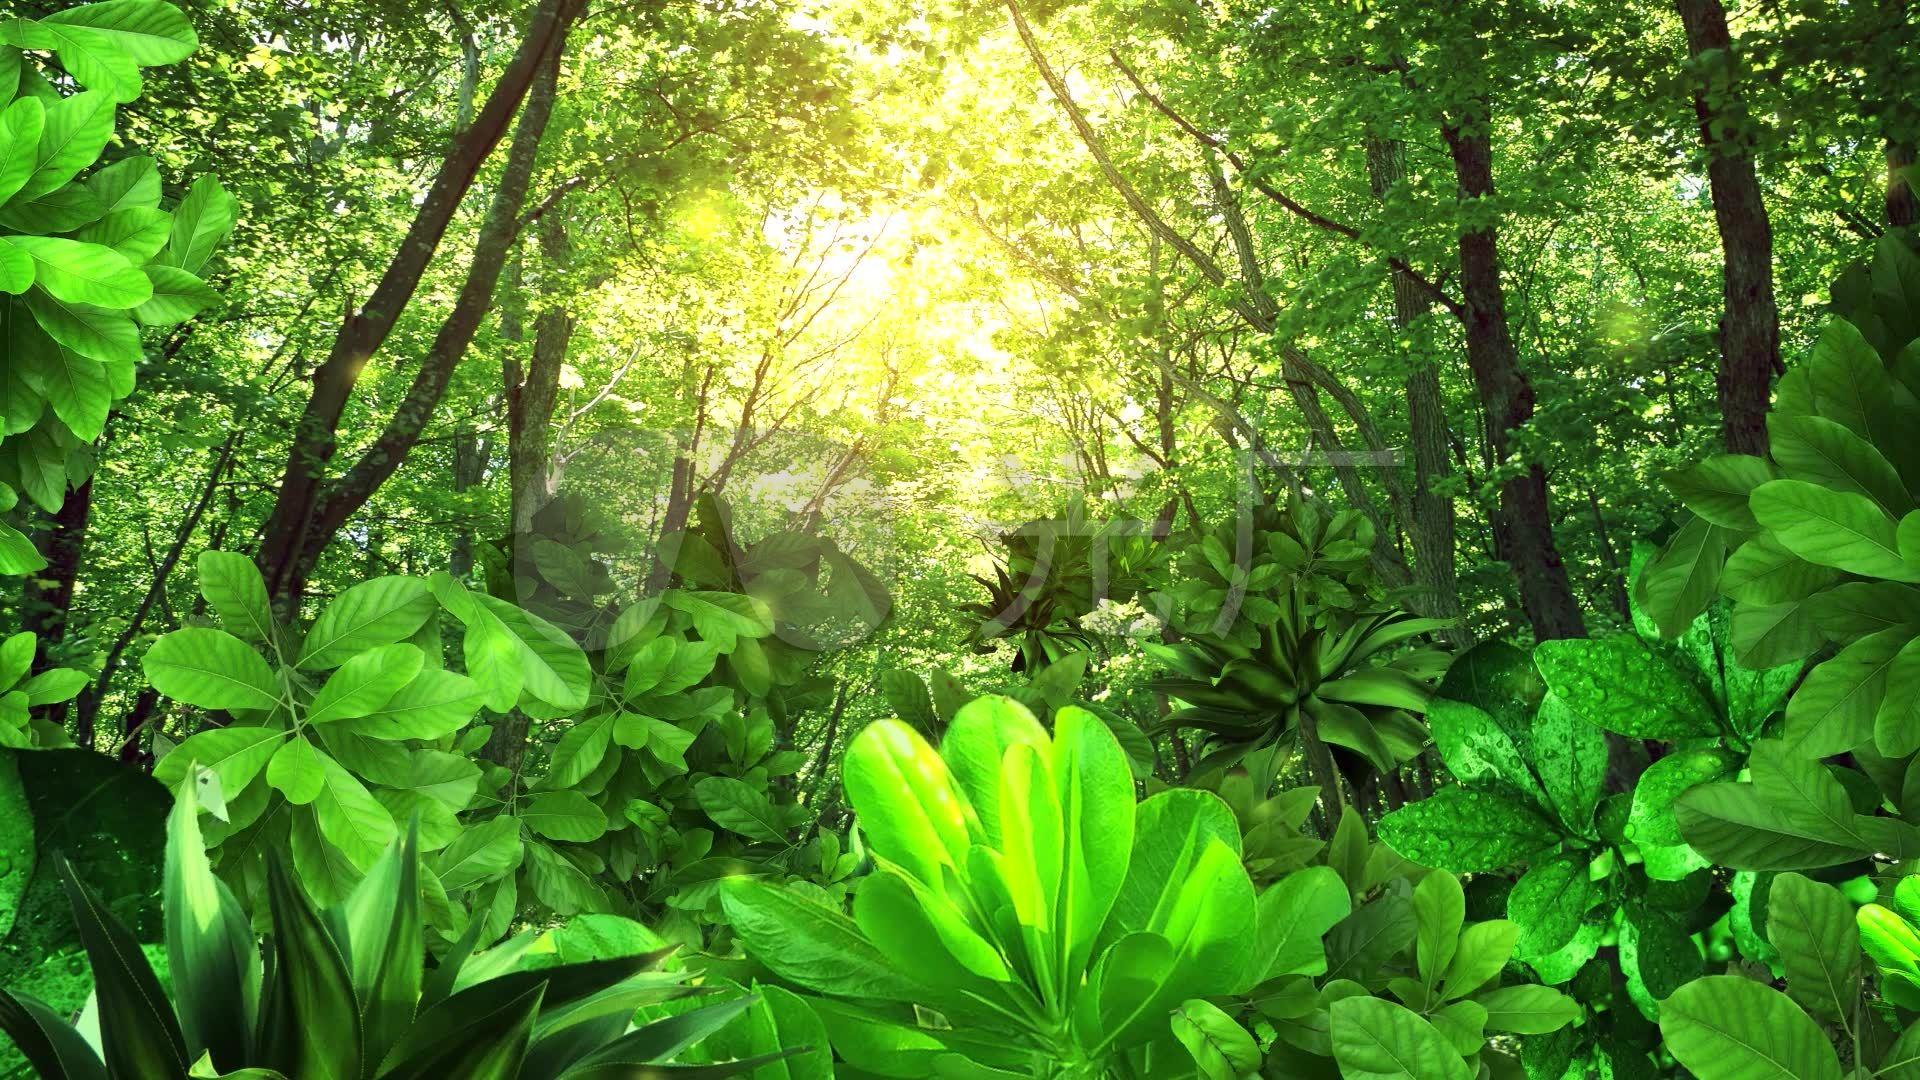 唯美阳光照射森林led舞台背景视频素材图片